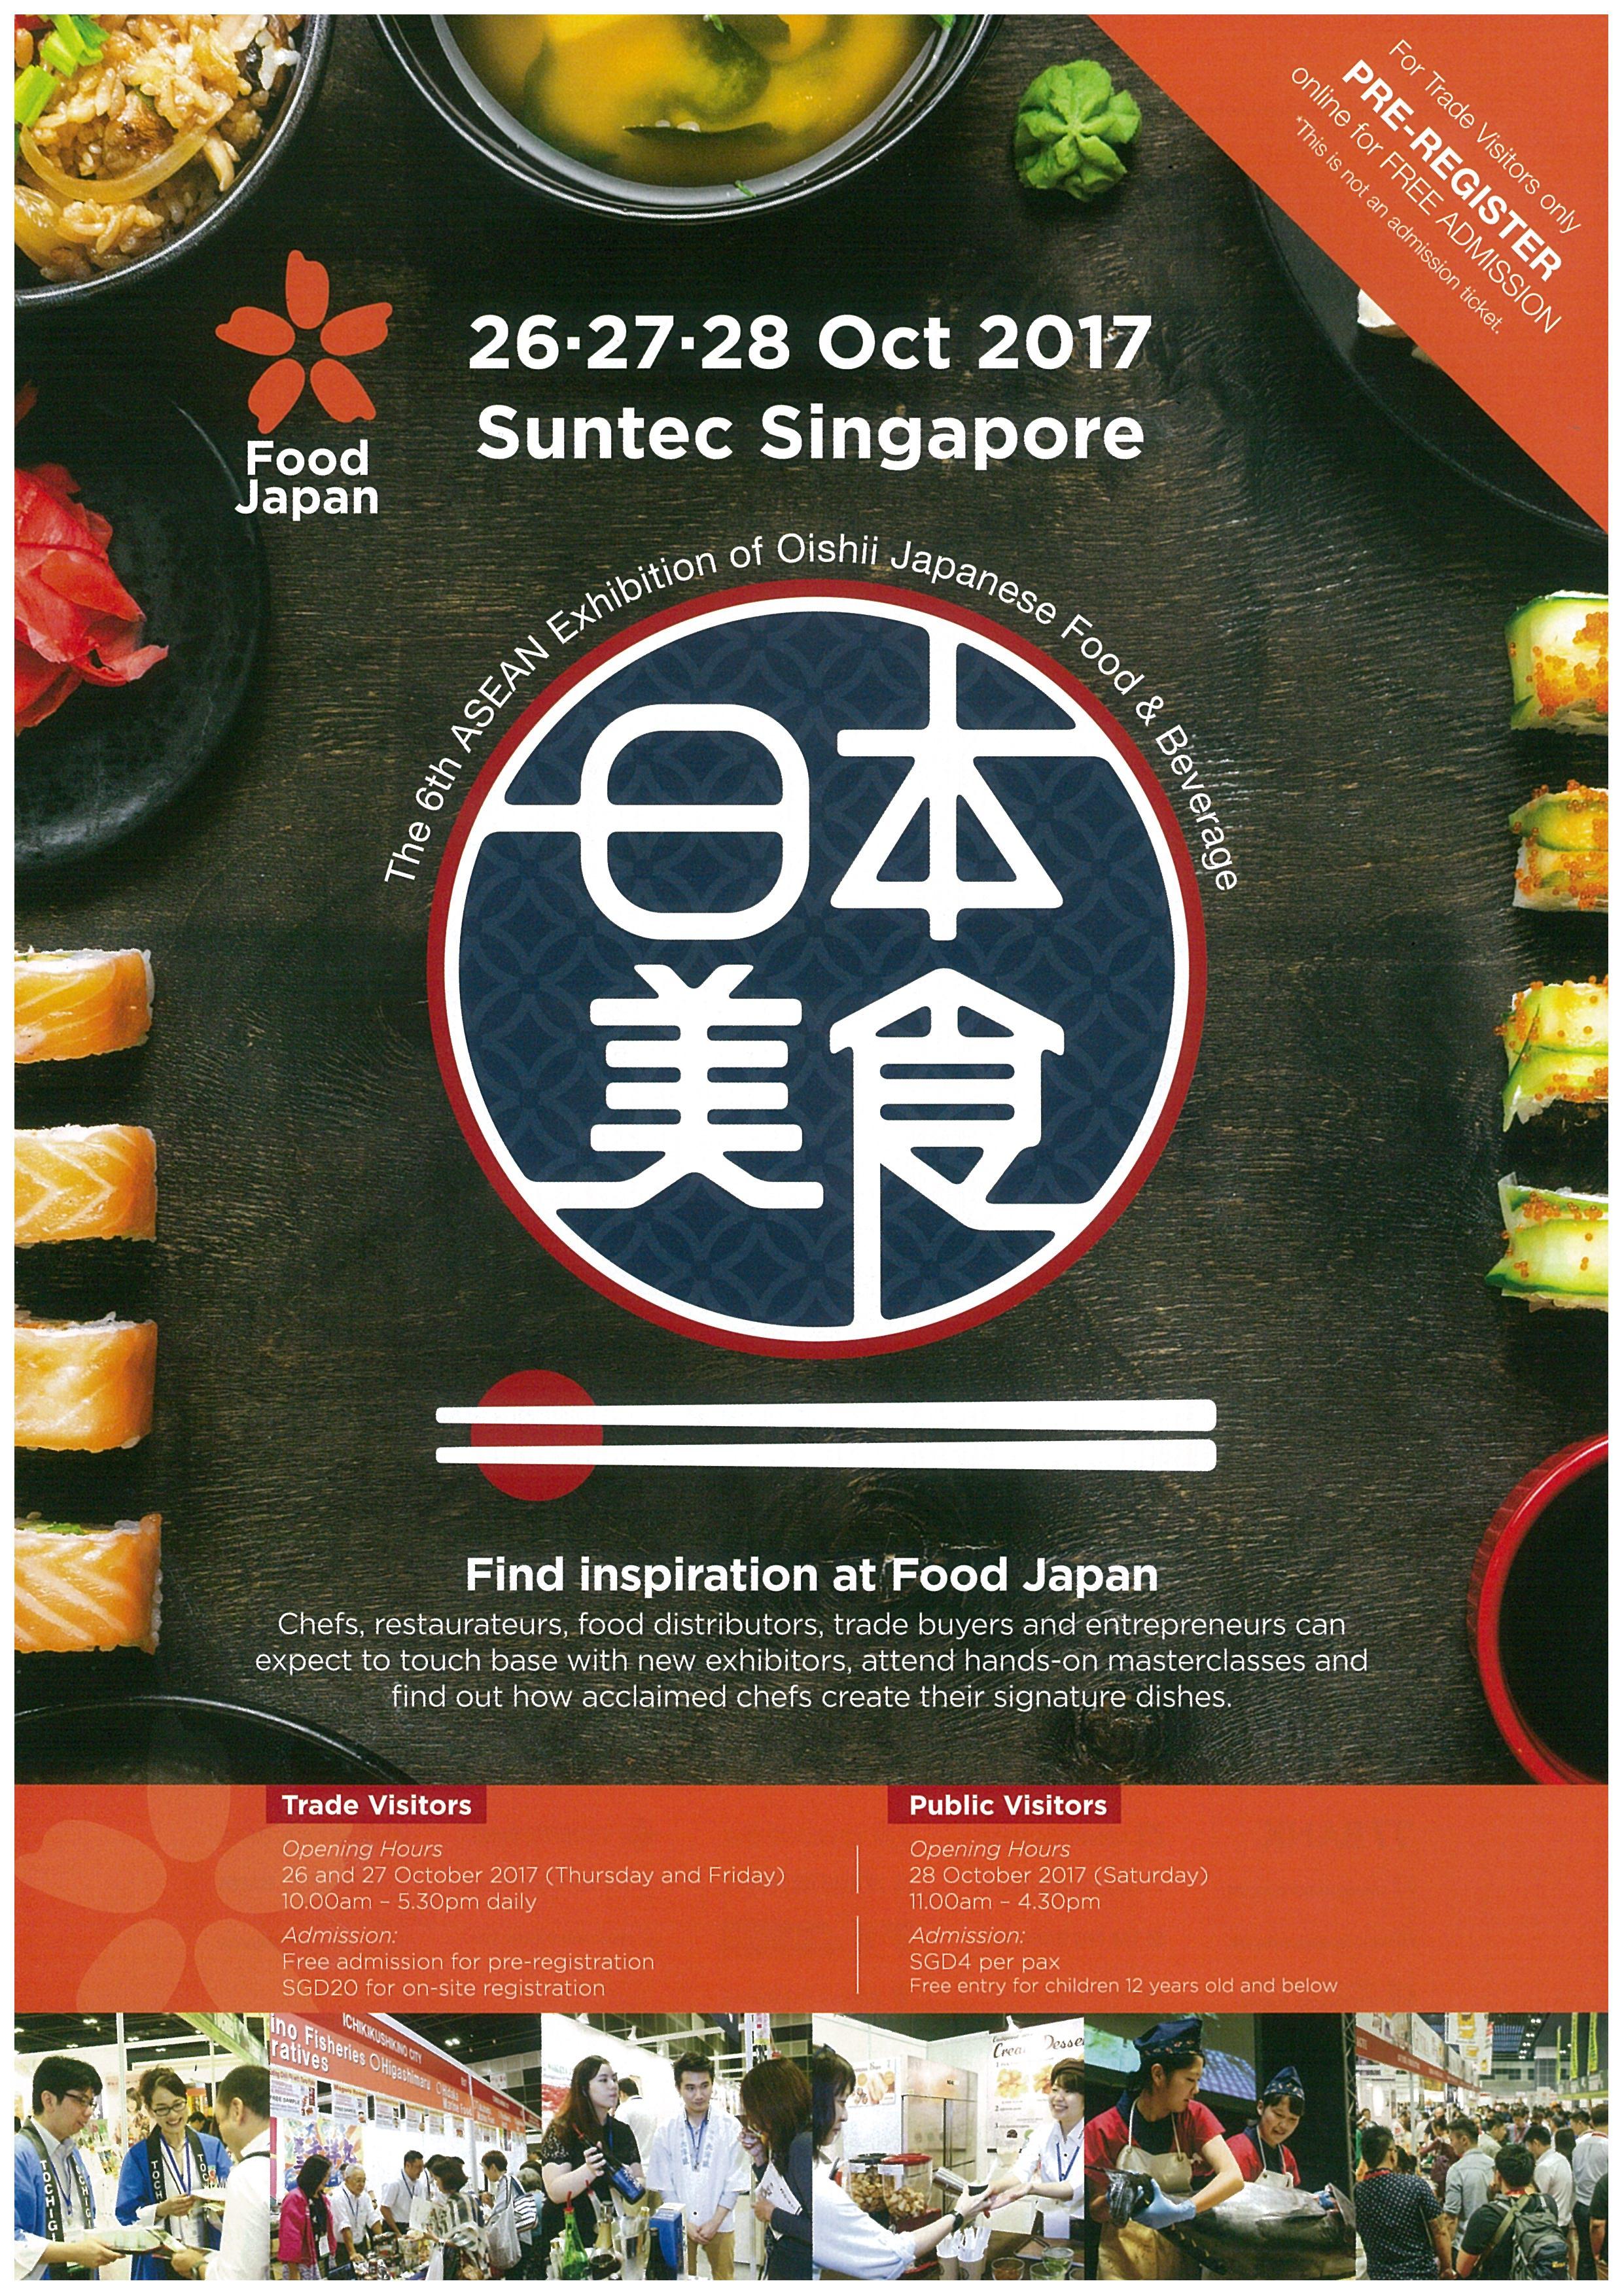 シンガポールの展示会のご案内